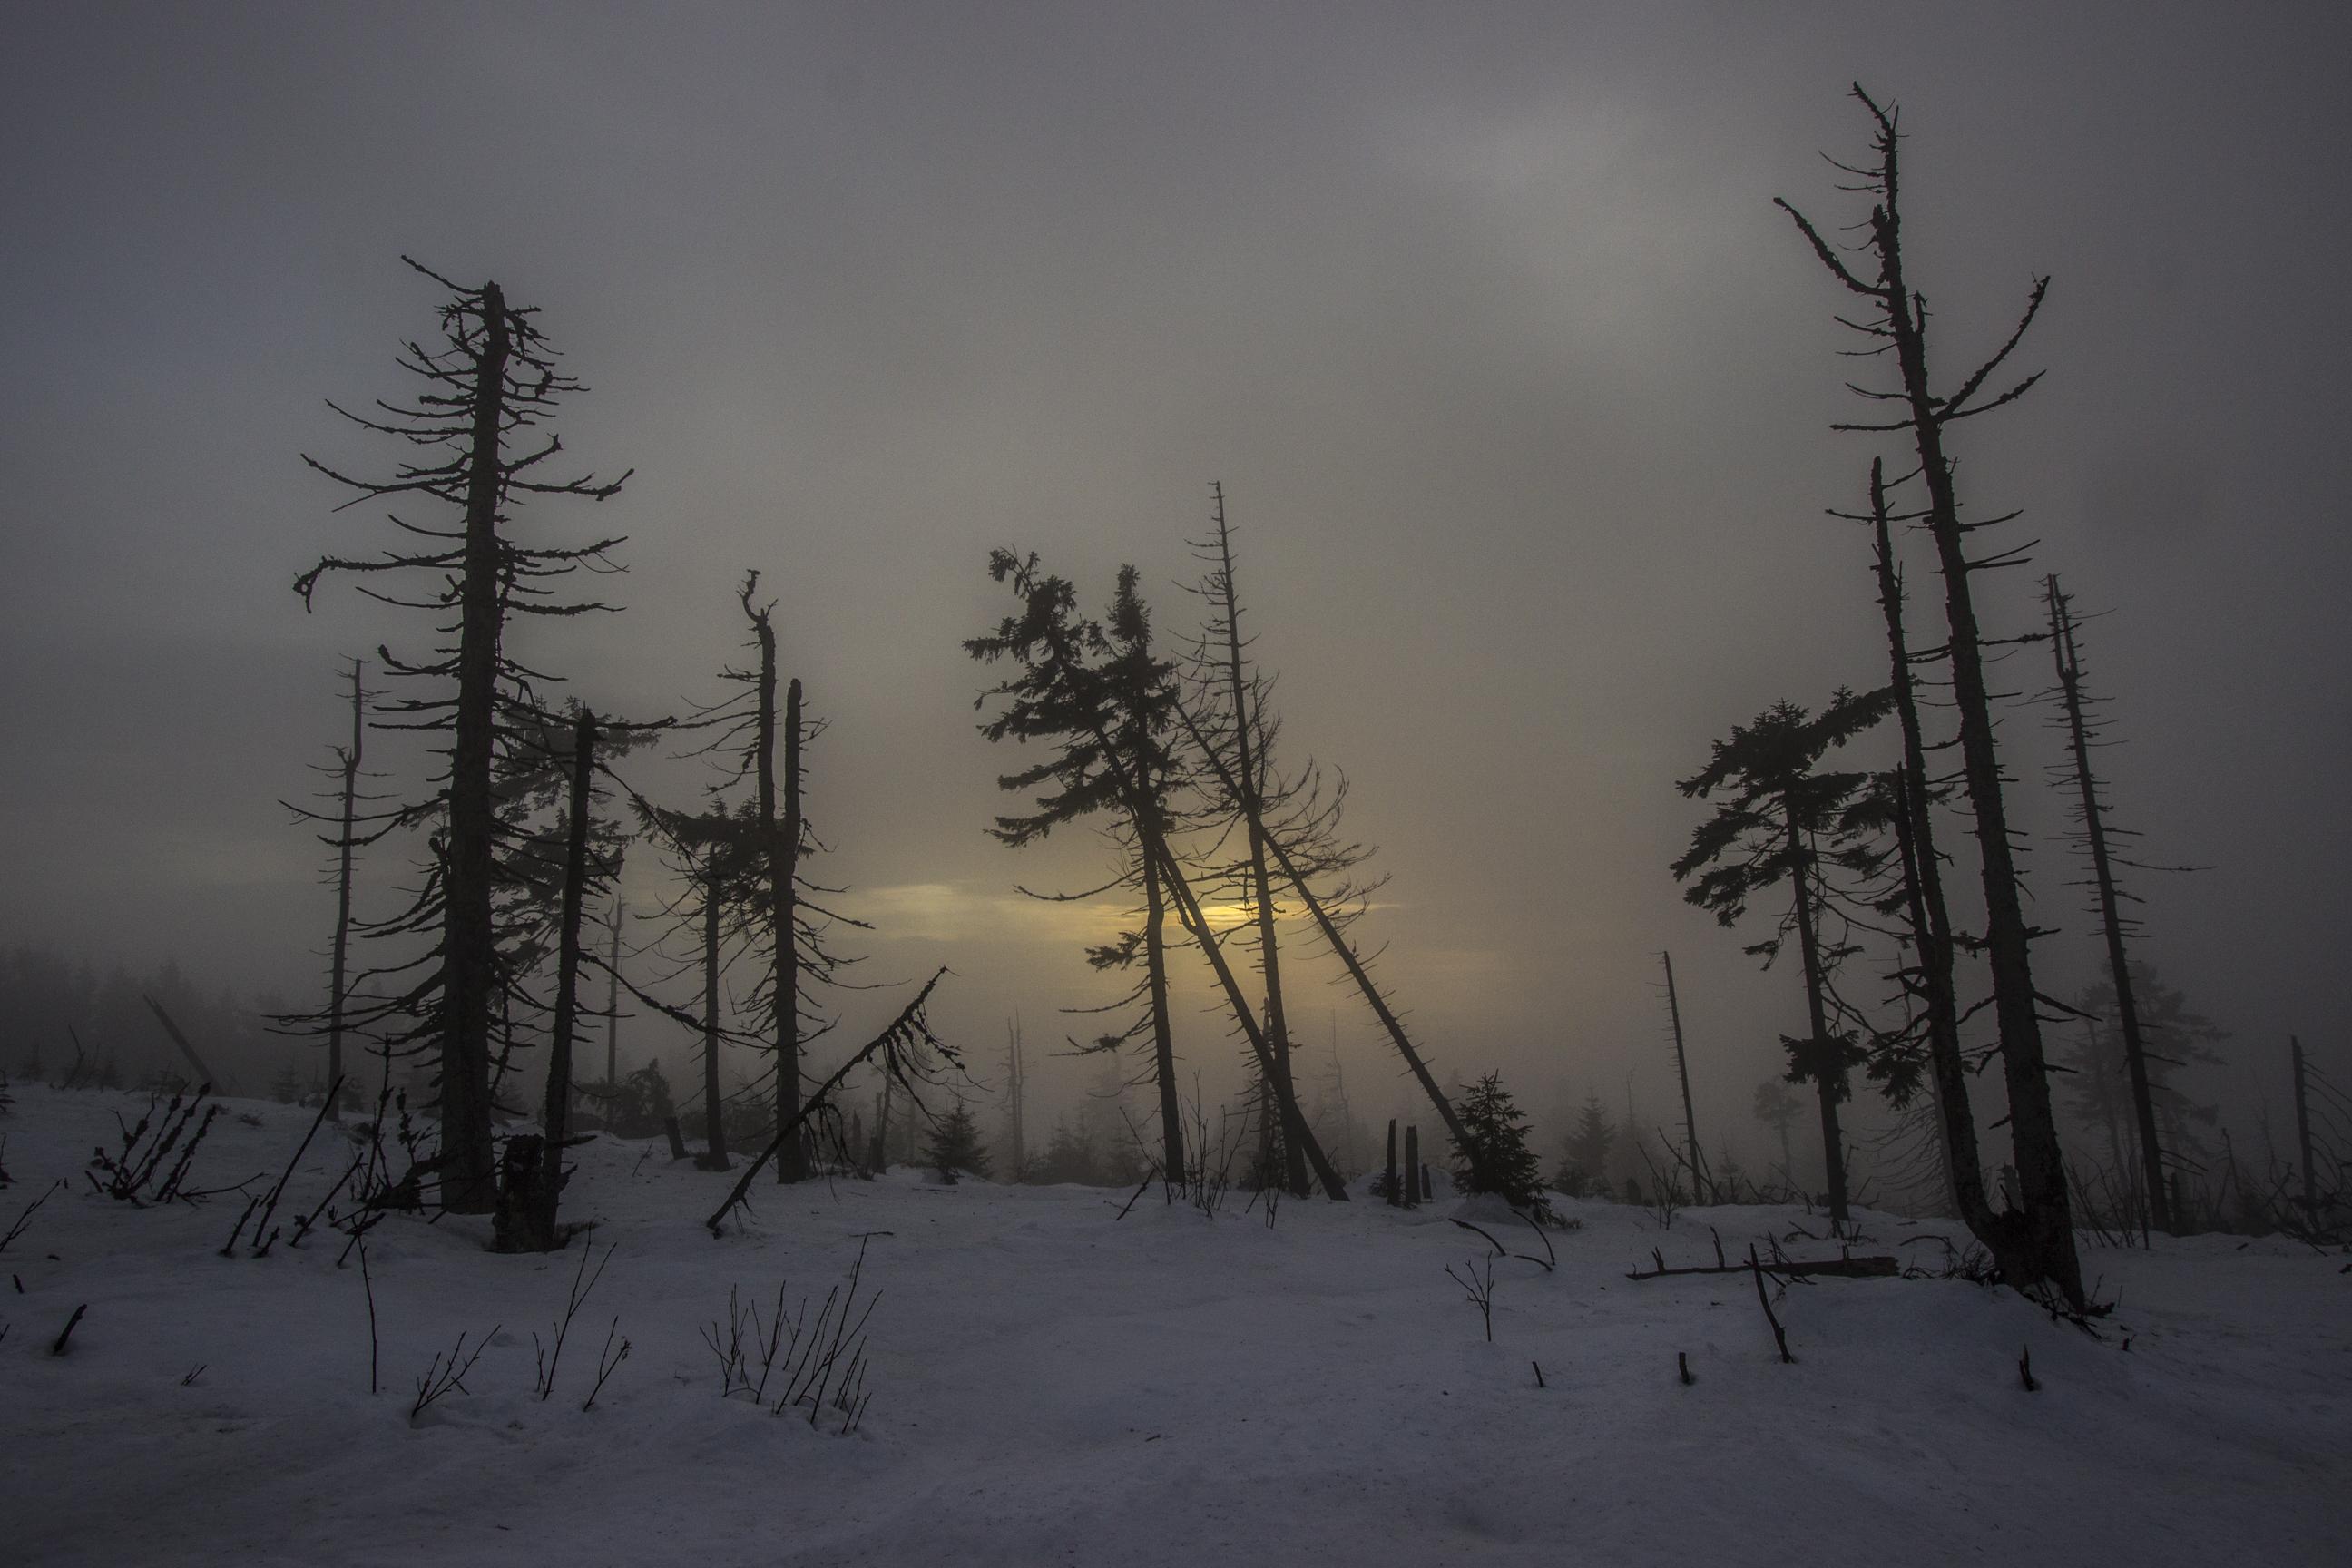 Kikuty drzew i zachodzące słońce